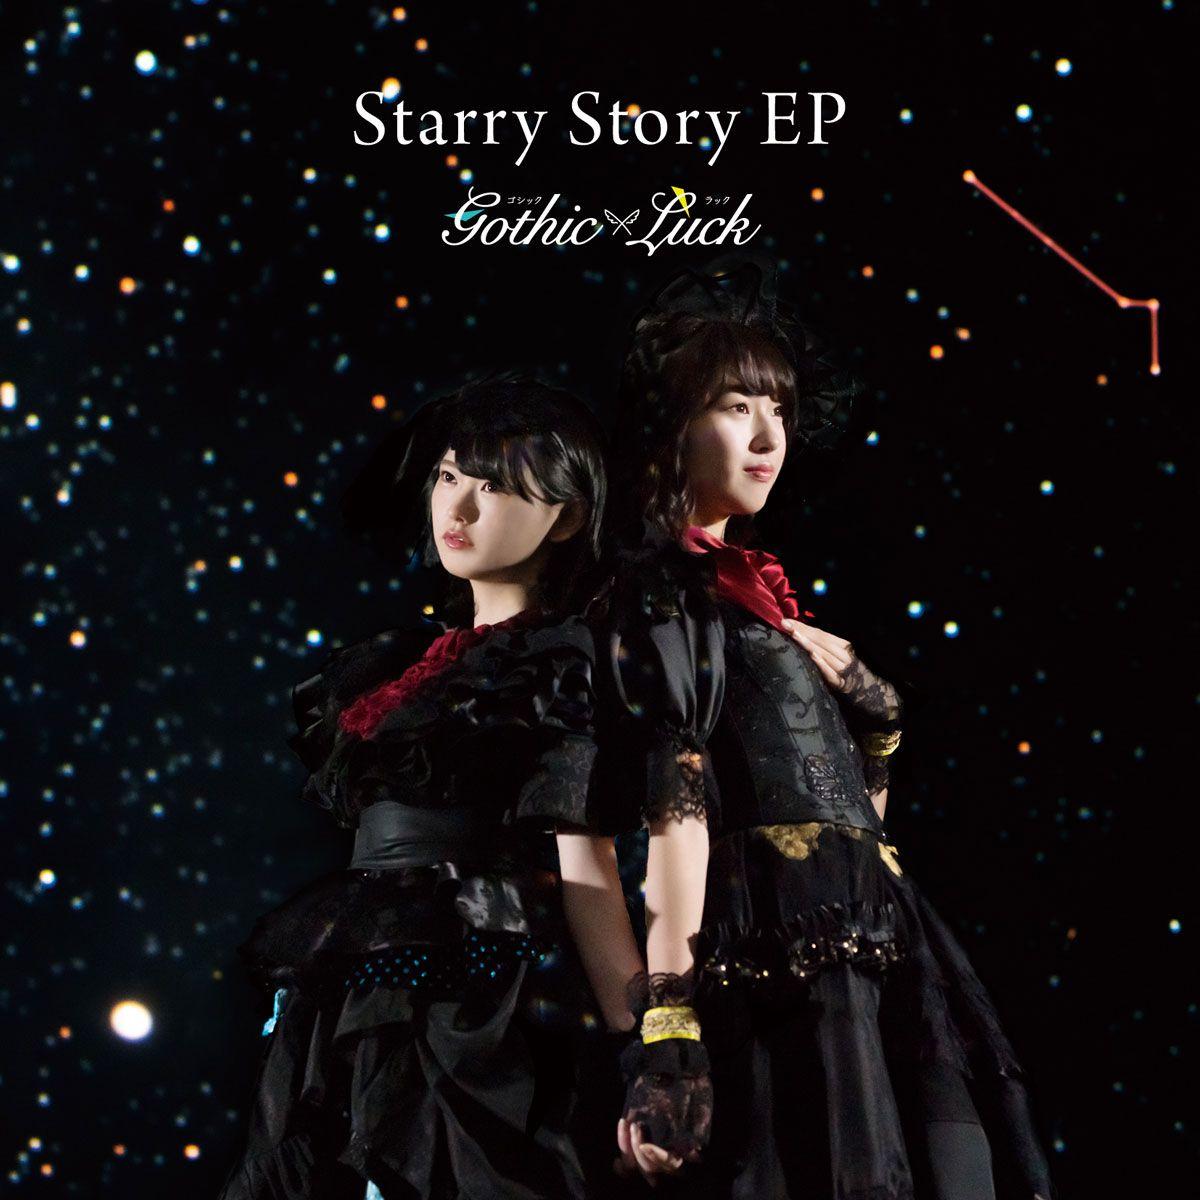 【楽天ブックス限定先着特典】Starry Story EP (缶バッジ付き) [ Gothic × Luck ]